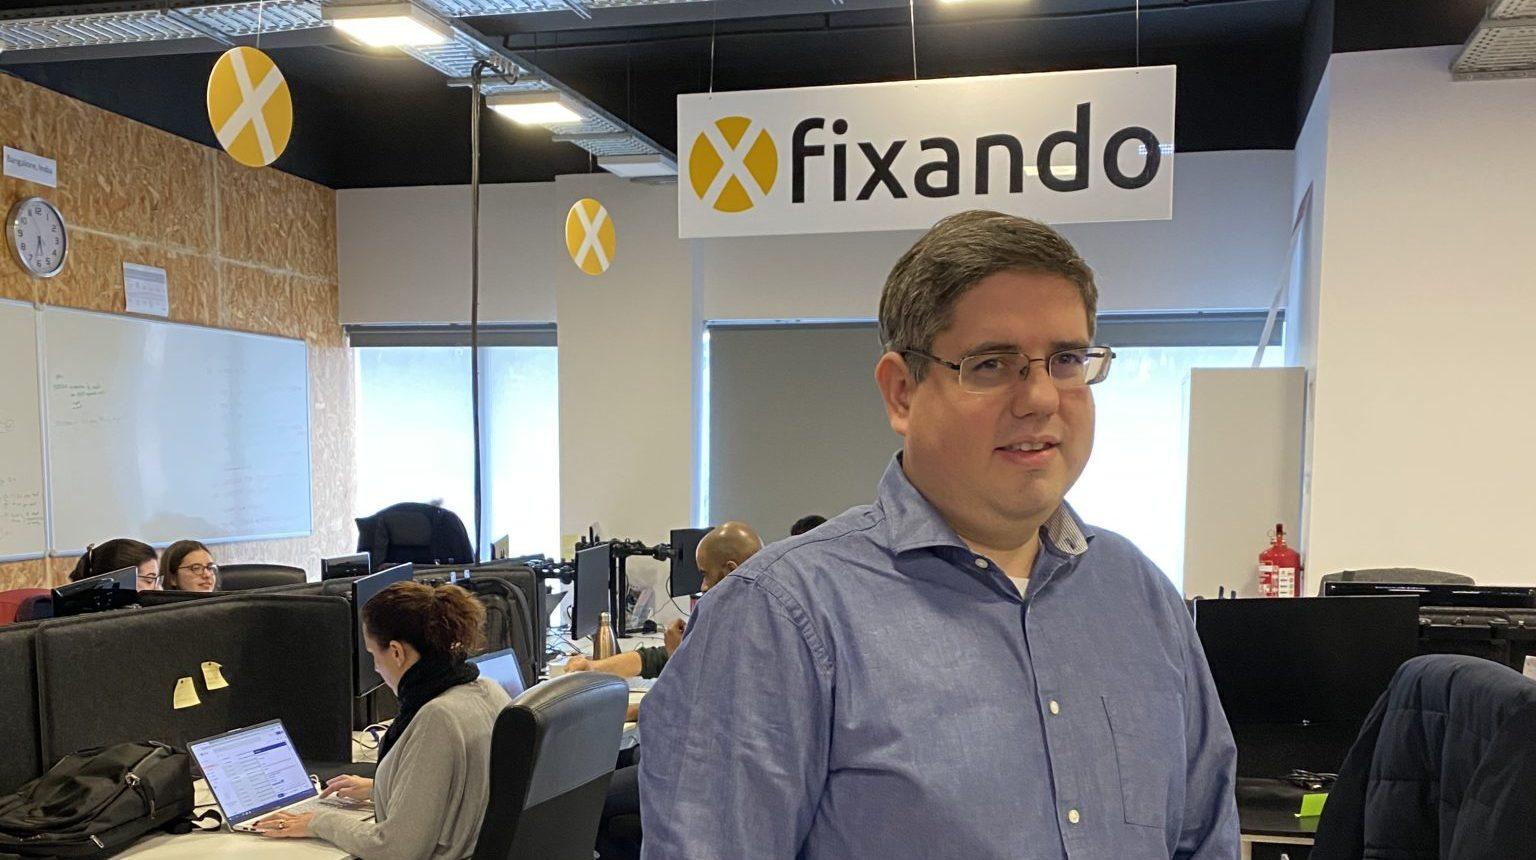 Miguel Mascarenhas, CEO da Fixando